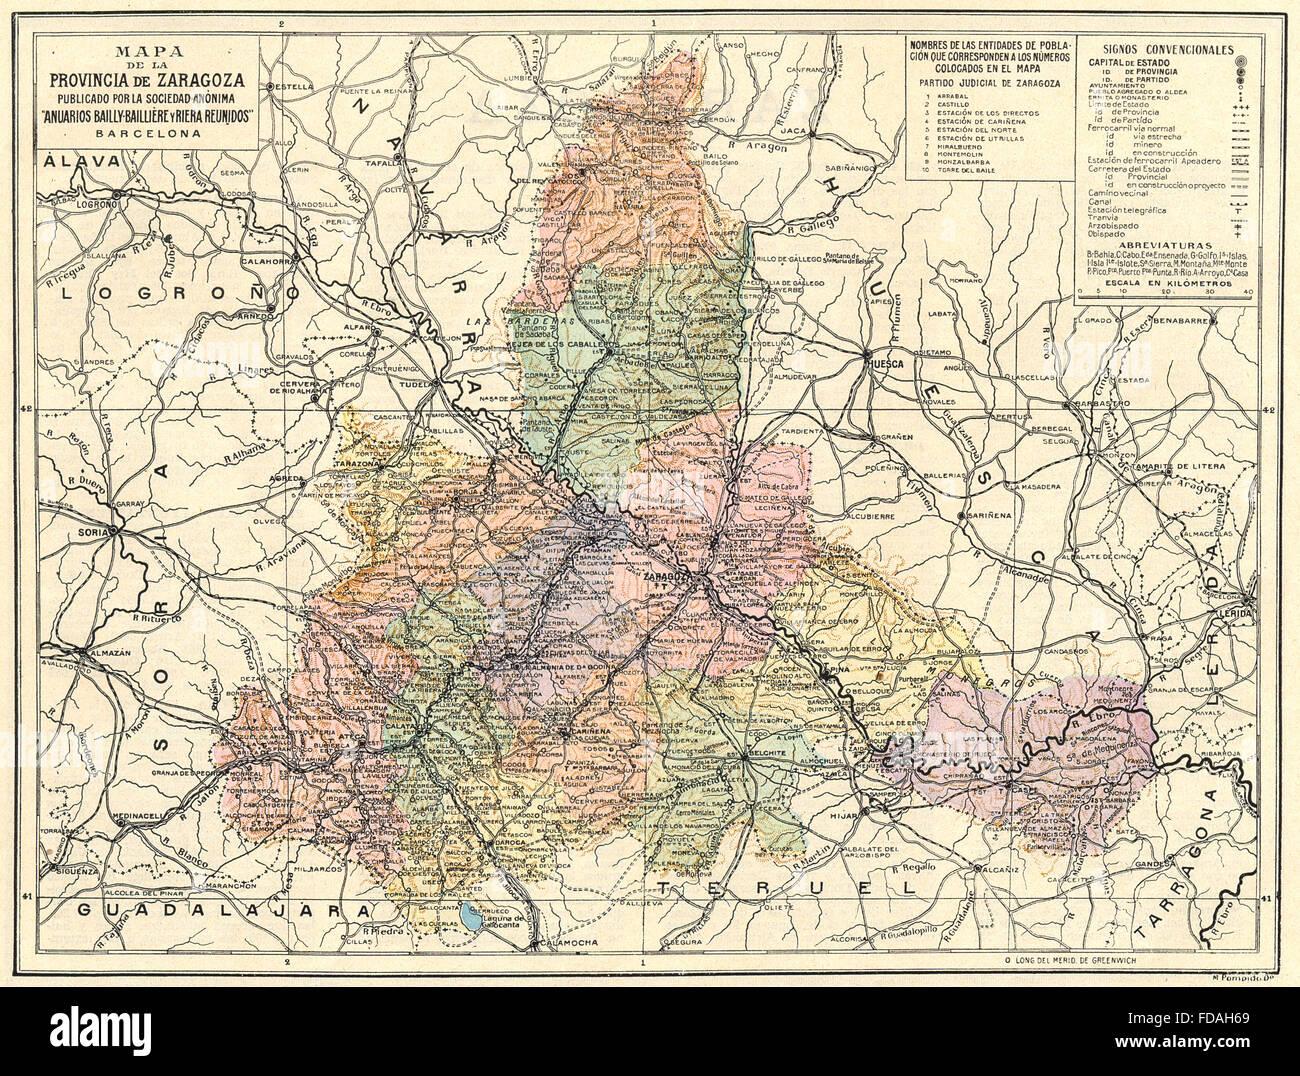 Mapa Provincia De Zaragoza.Spain Mapa De La Provincia De Zaragoza 1913 Stock Photo